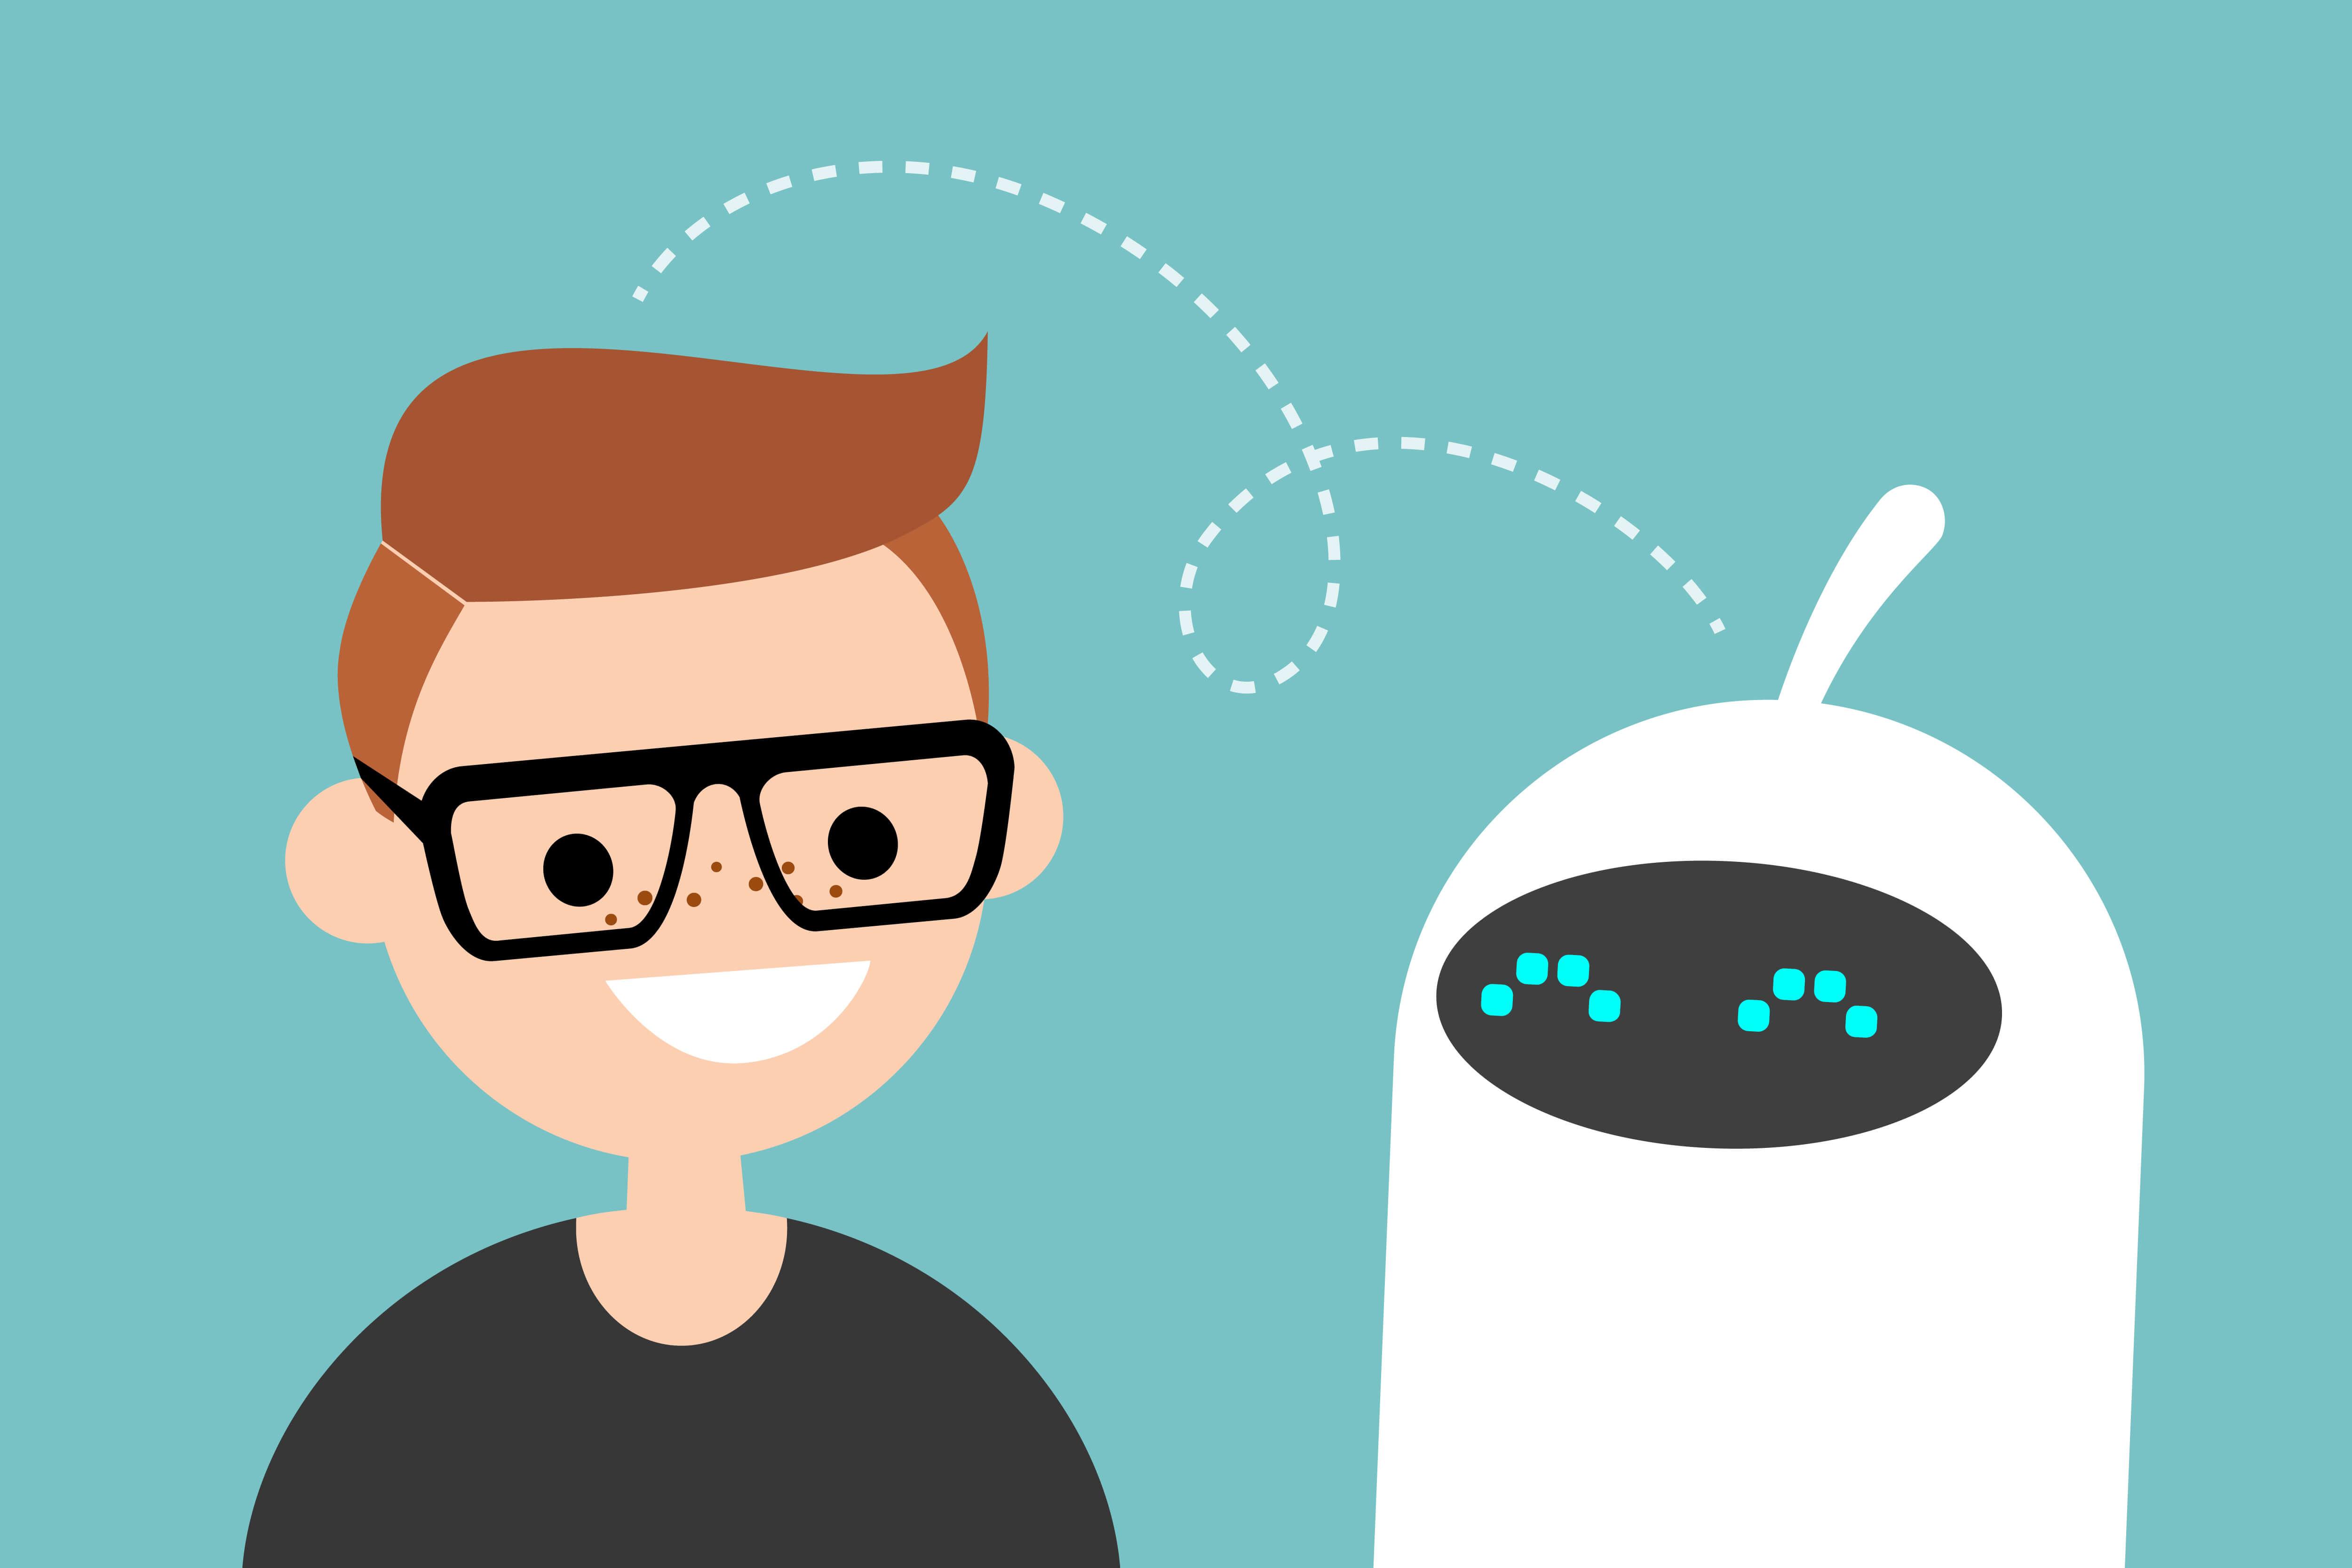 Cartoon guy and robot